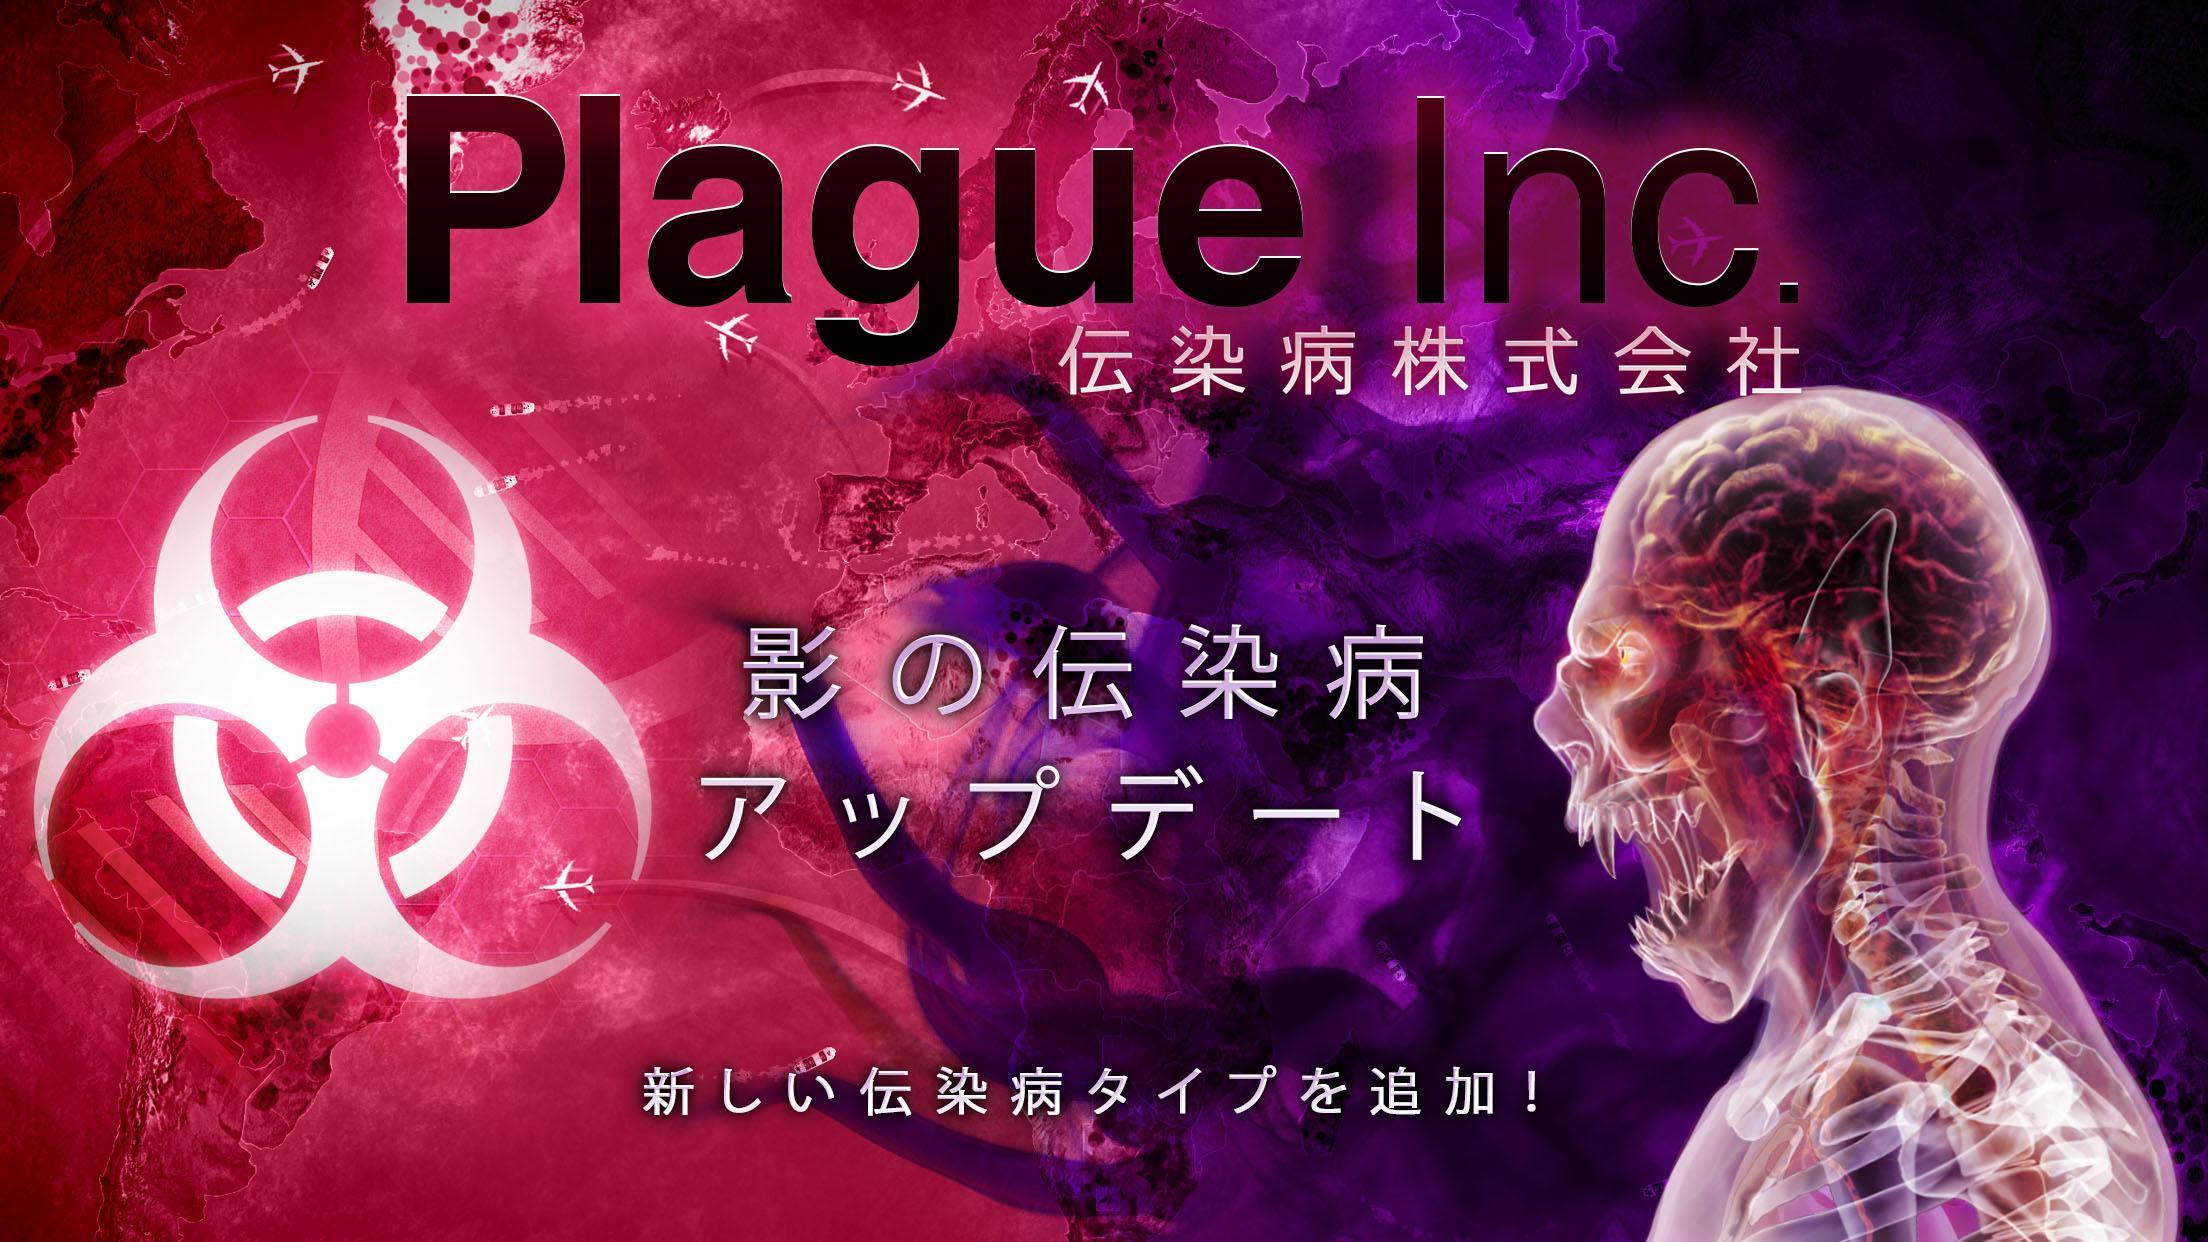 Android 用の Plague Inc. APK をダウンロード